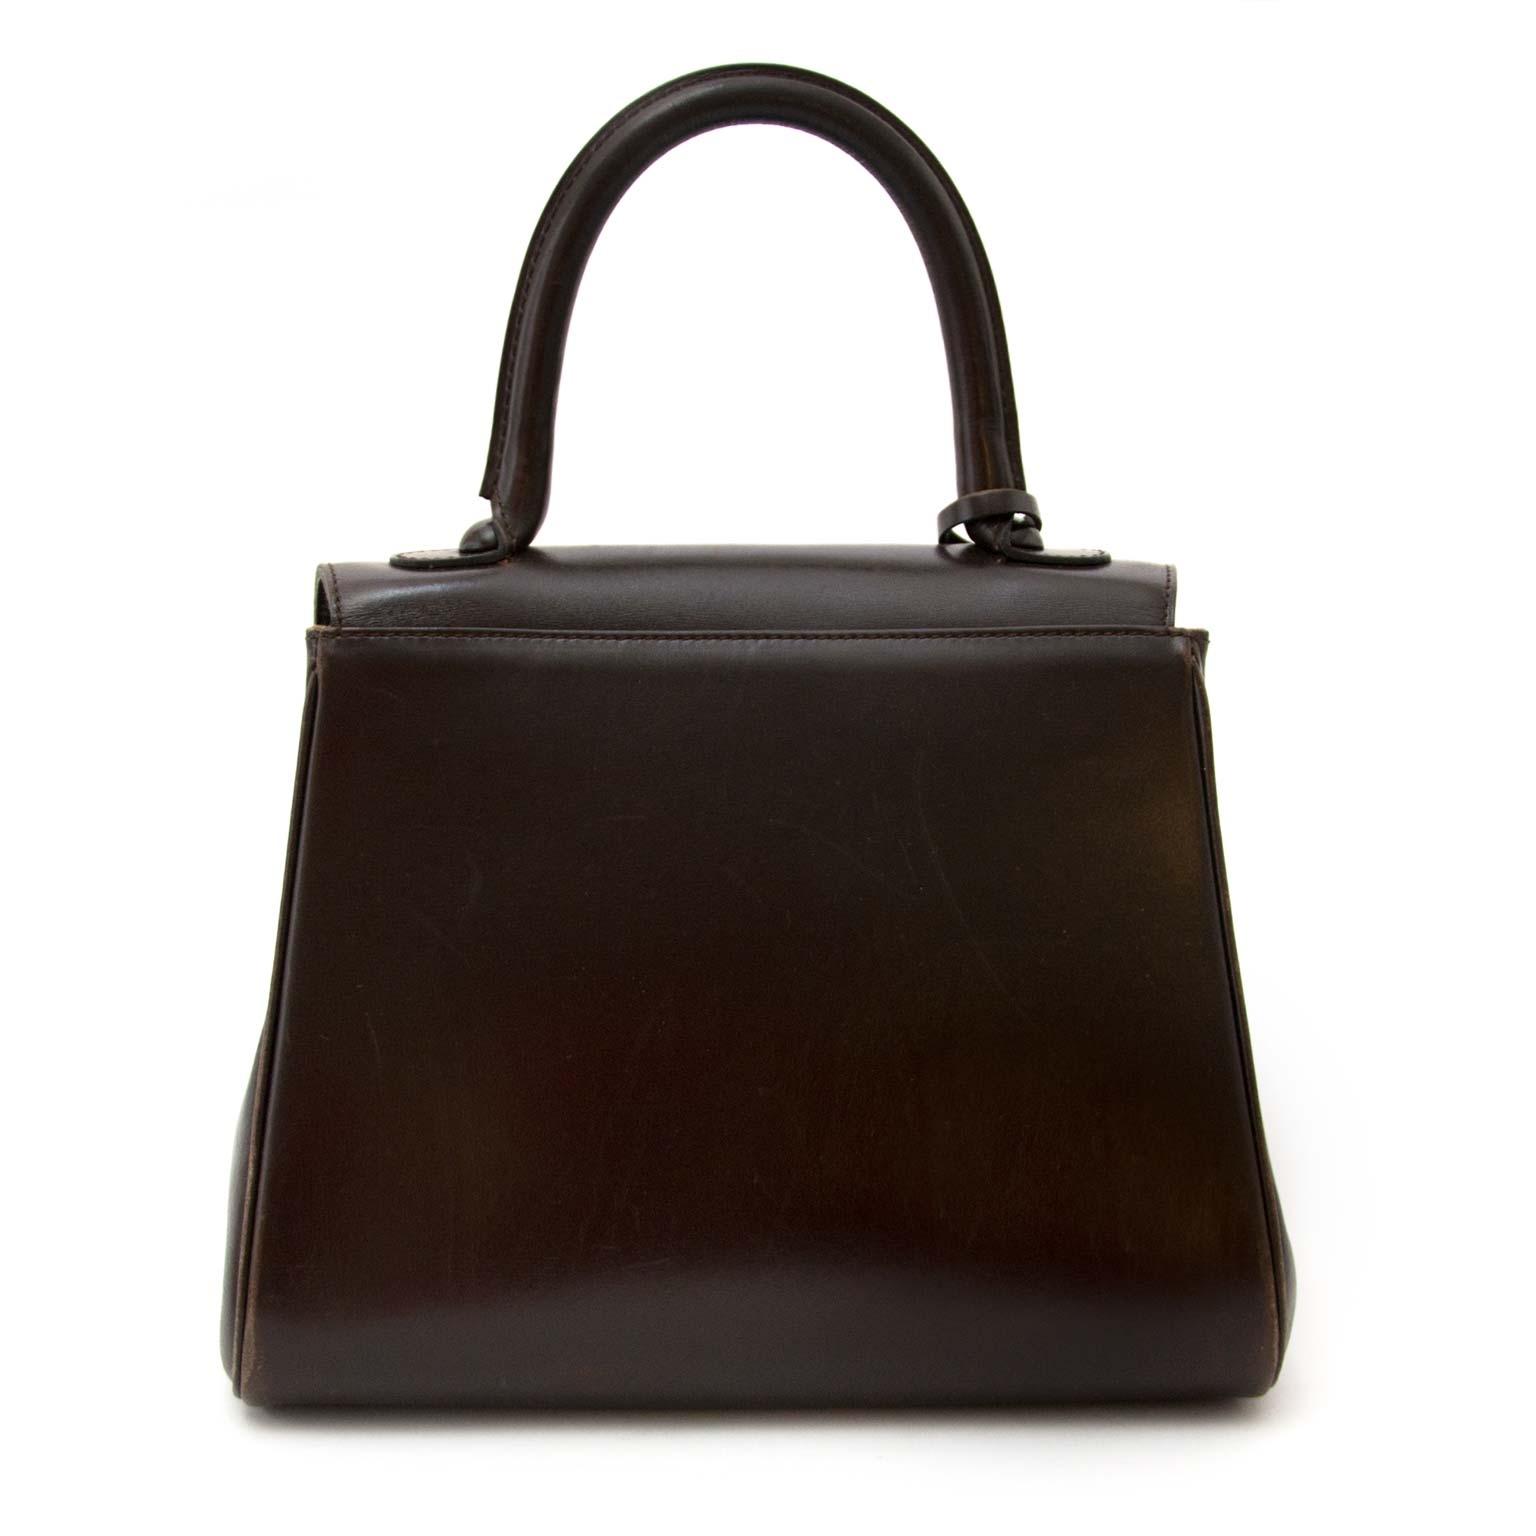 Tweedehands Delvaux Brillant PM aan de beste prijs bij Labellov vintage luxe webshop.